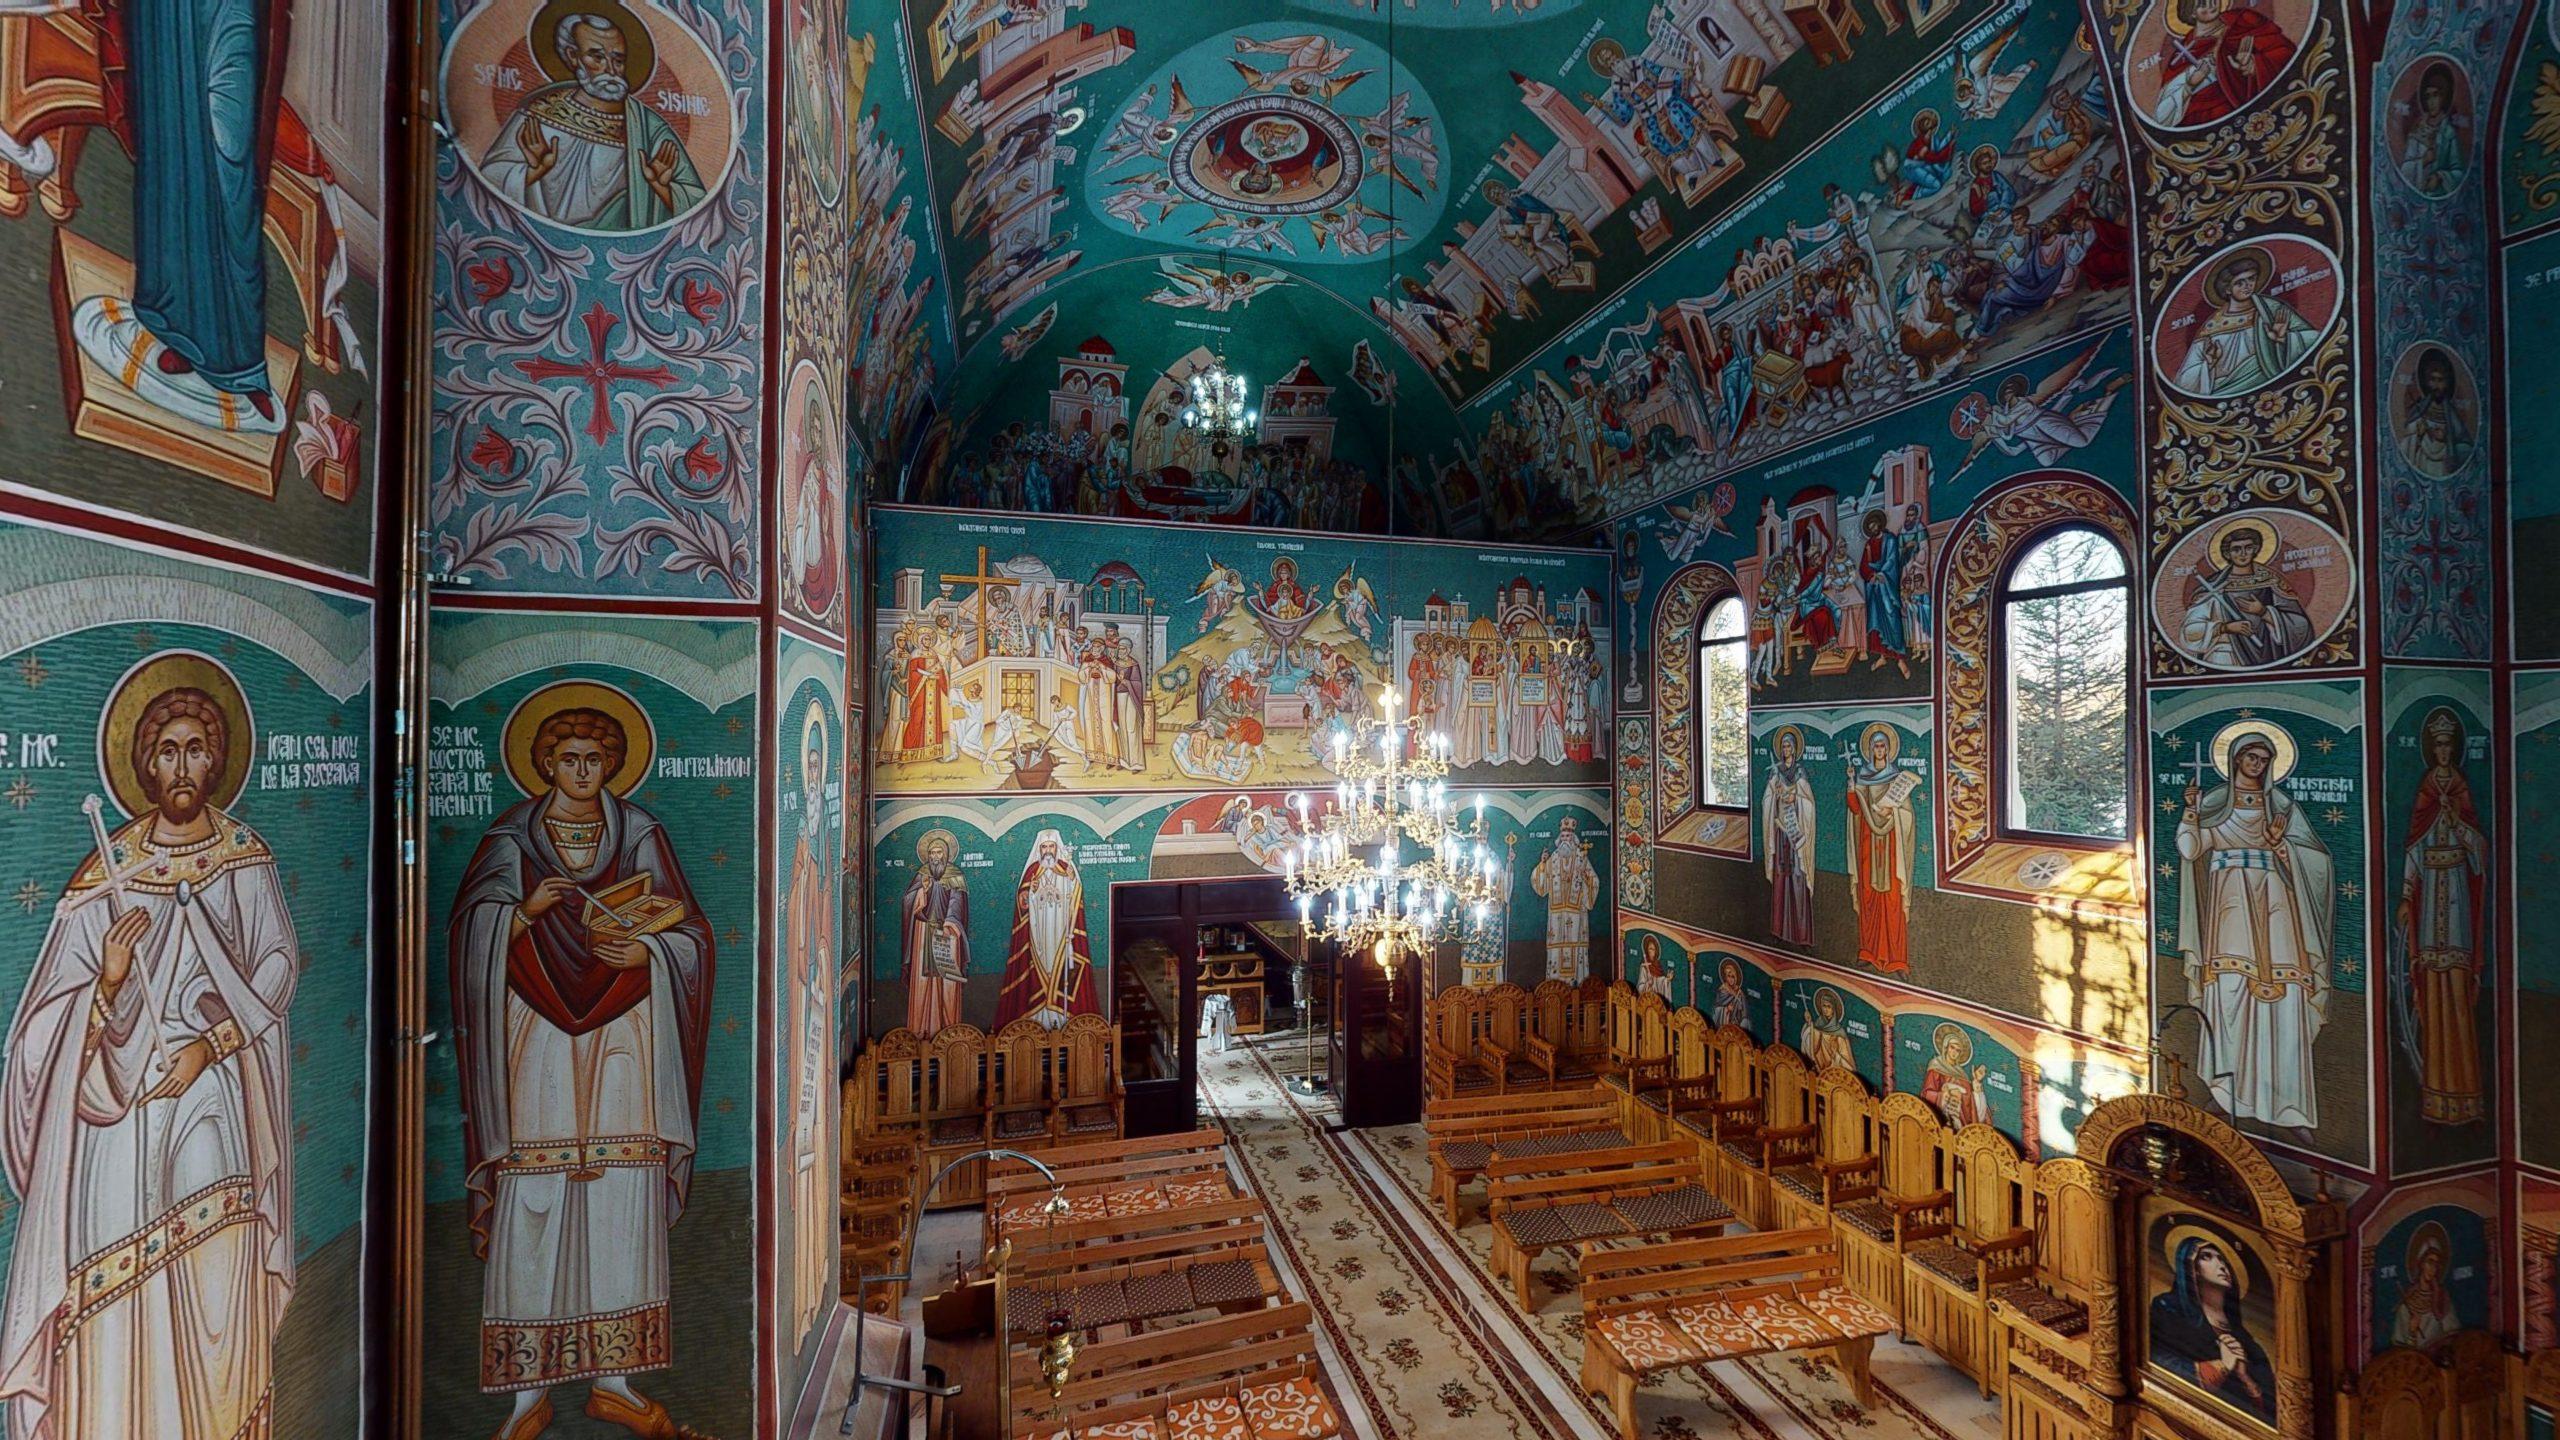 Biserica-Sfintii-Trei-Ierarhi-Flamanzi-11172020_005423